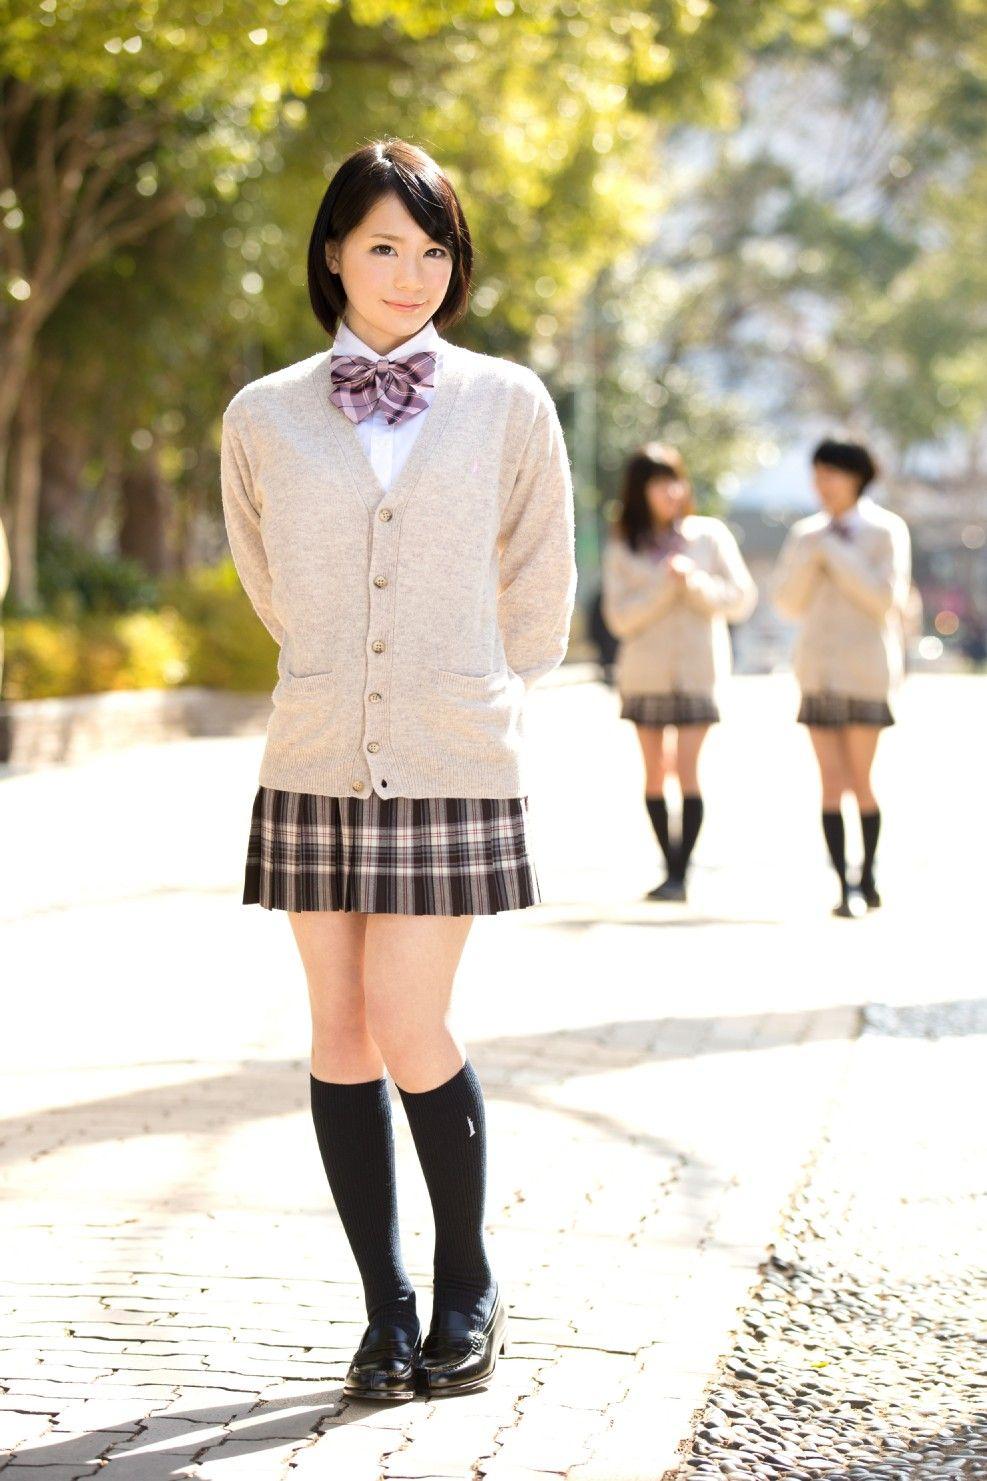 gallerynova.se te1n1w77214-0-01 airi suzumura | 鈴村あいり